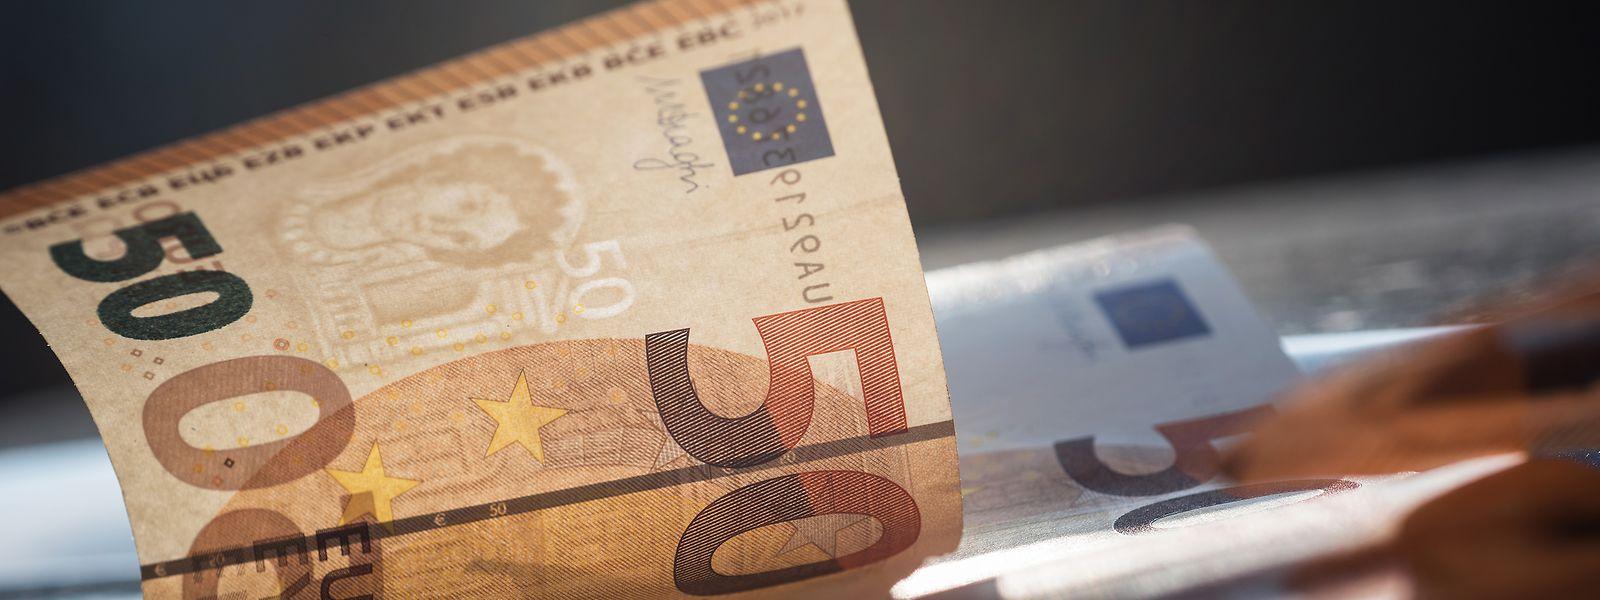 Der nationale Finanzrat hat den Staatshaushalt 2021 und die mehrjährige Finanzplanung untersucht.